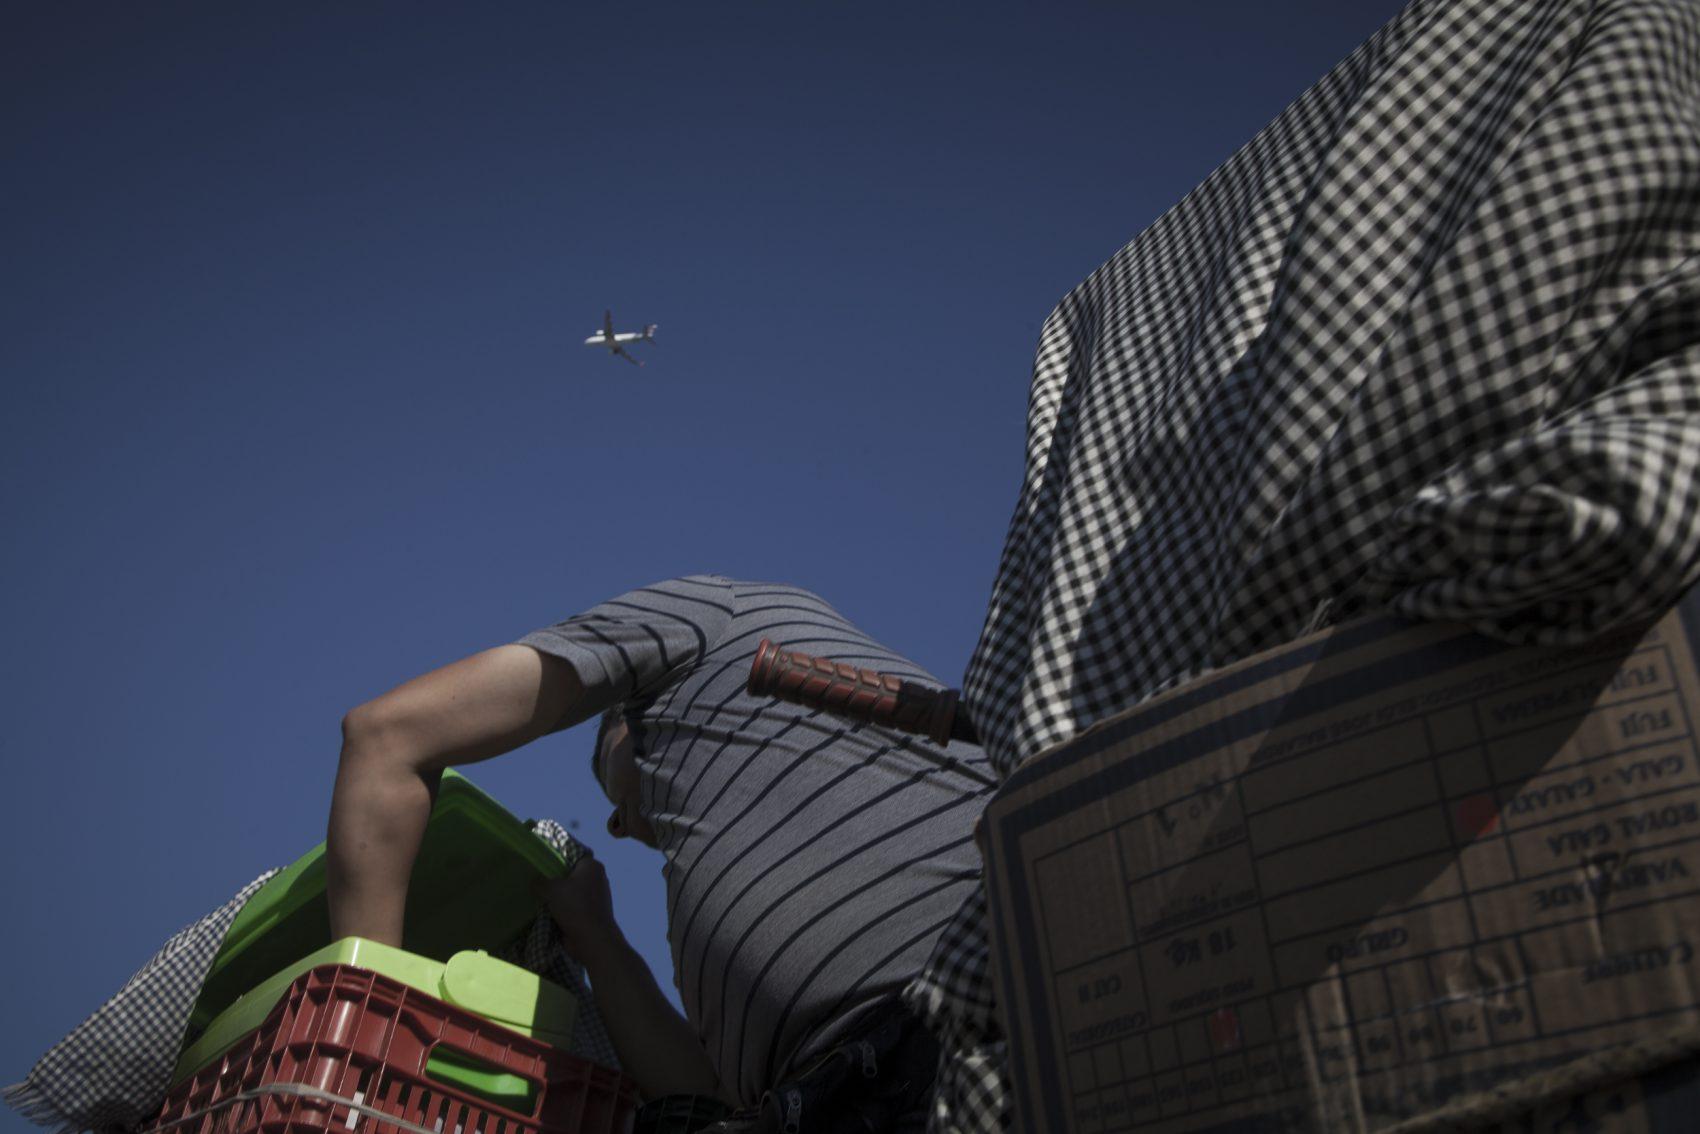 A Vila Nazaré fica onde está prevista linha da pista da nova configuração do aeroporto Salgado Filho, e a execução da obra depende da remoção de 1,3 mil famílias